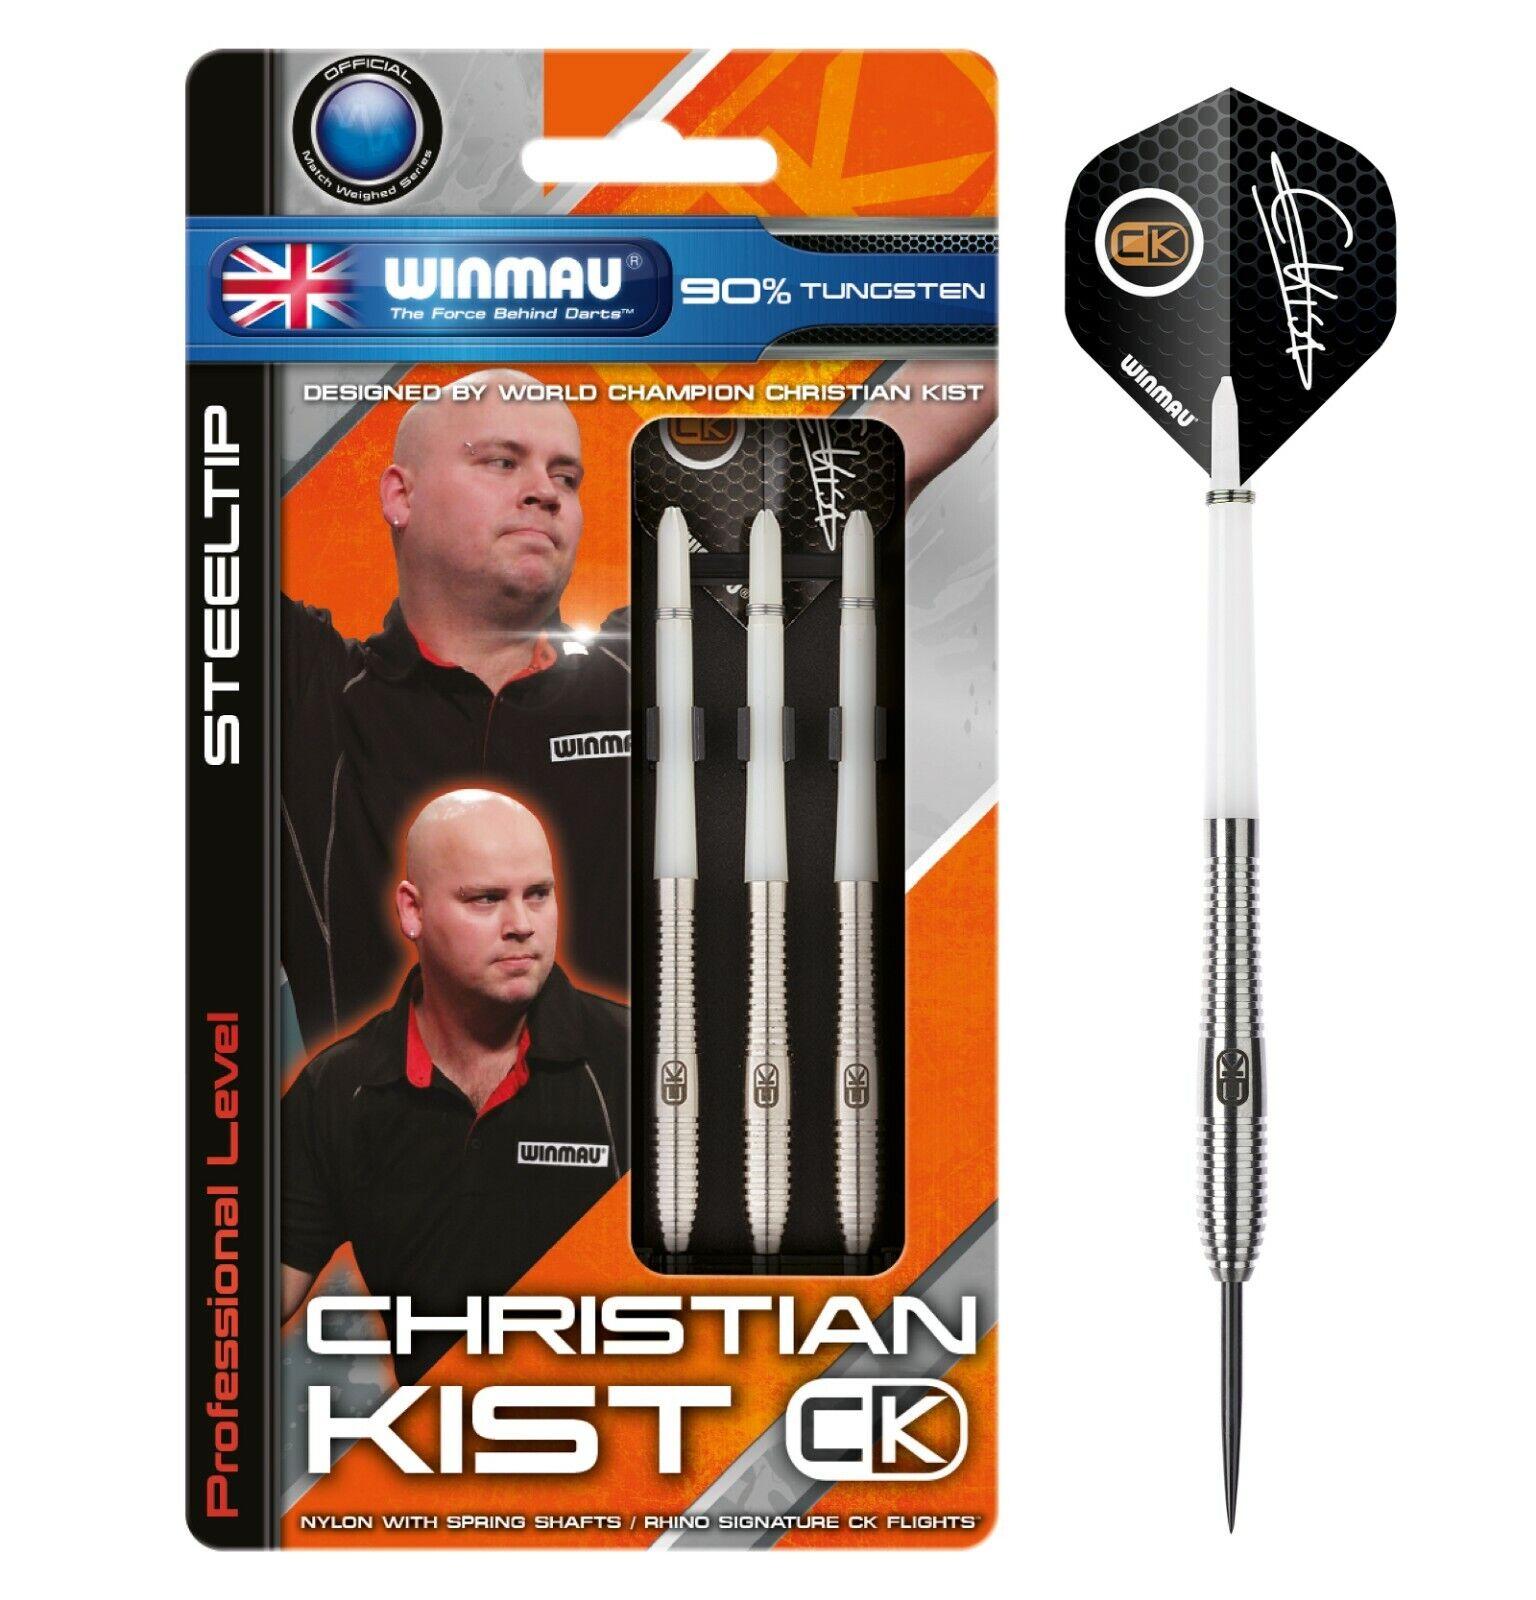 Winmau Christian Kist 90% Tungsten Steel Tip Darts - 22g, 24g & 26g